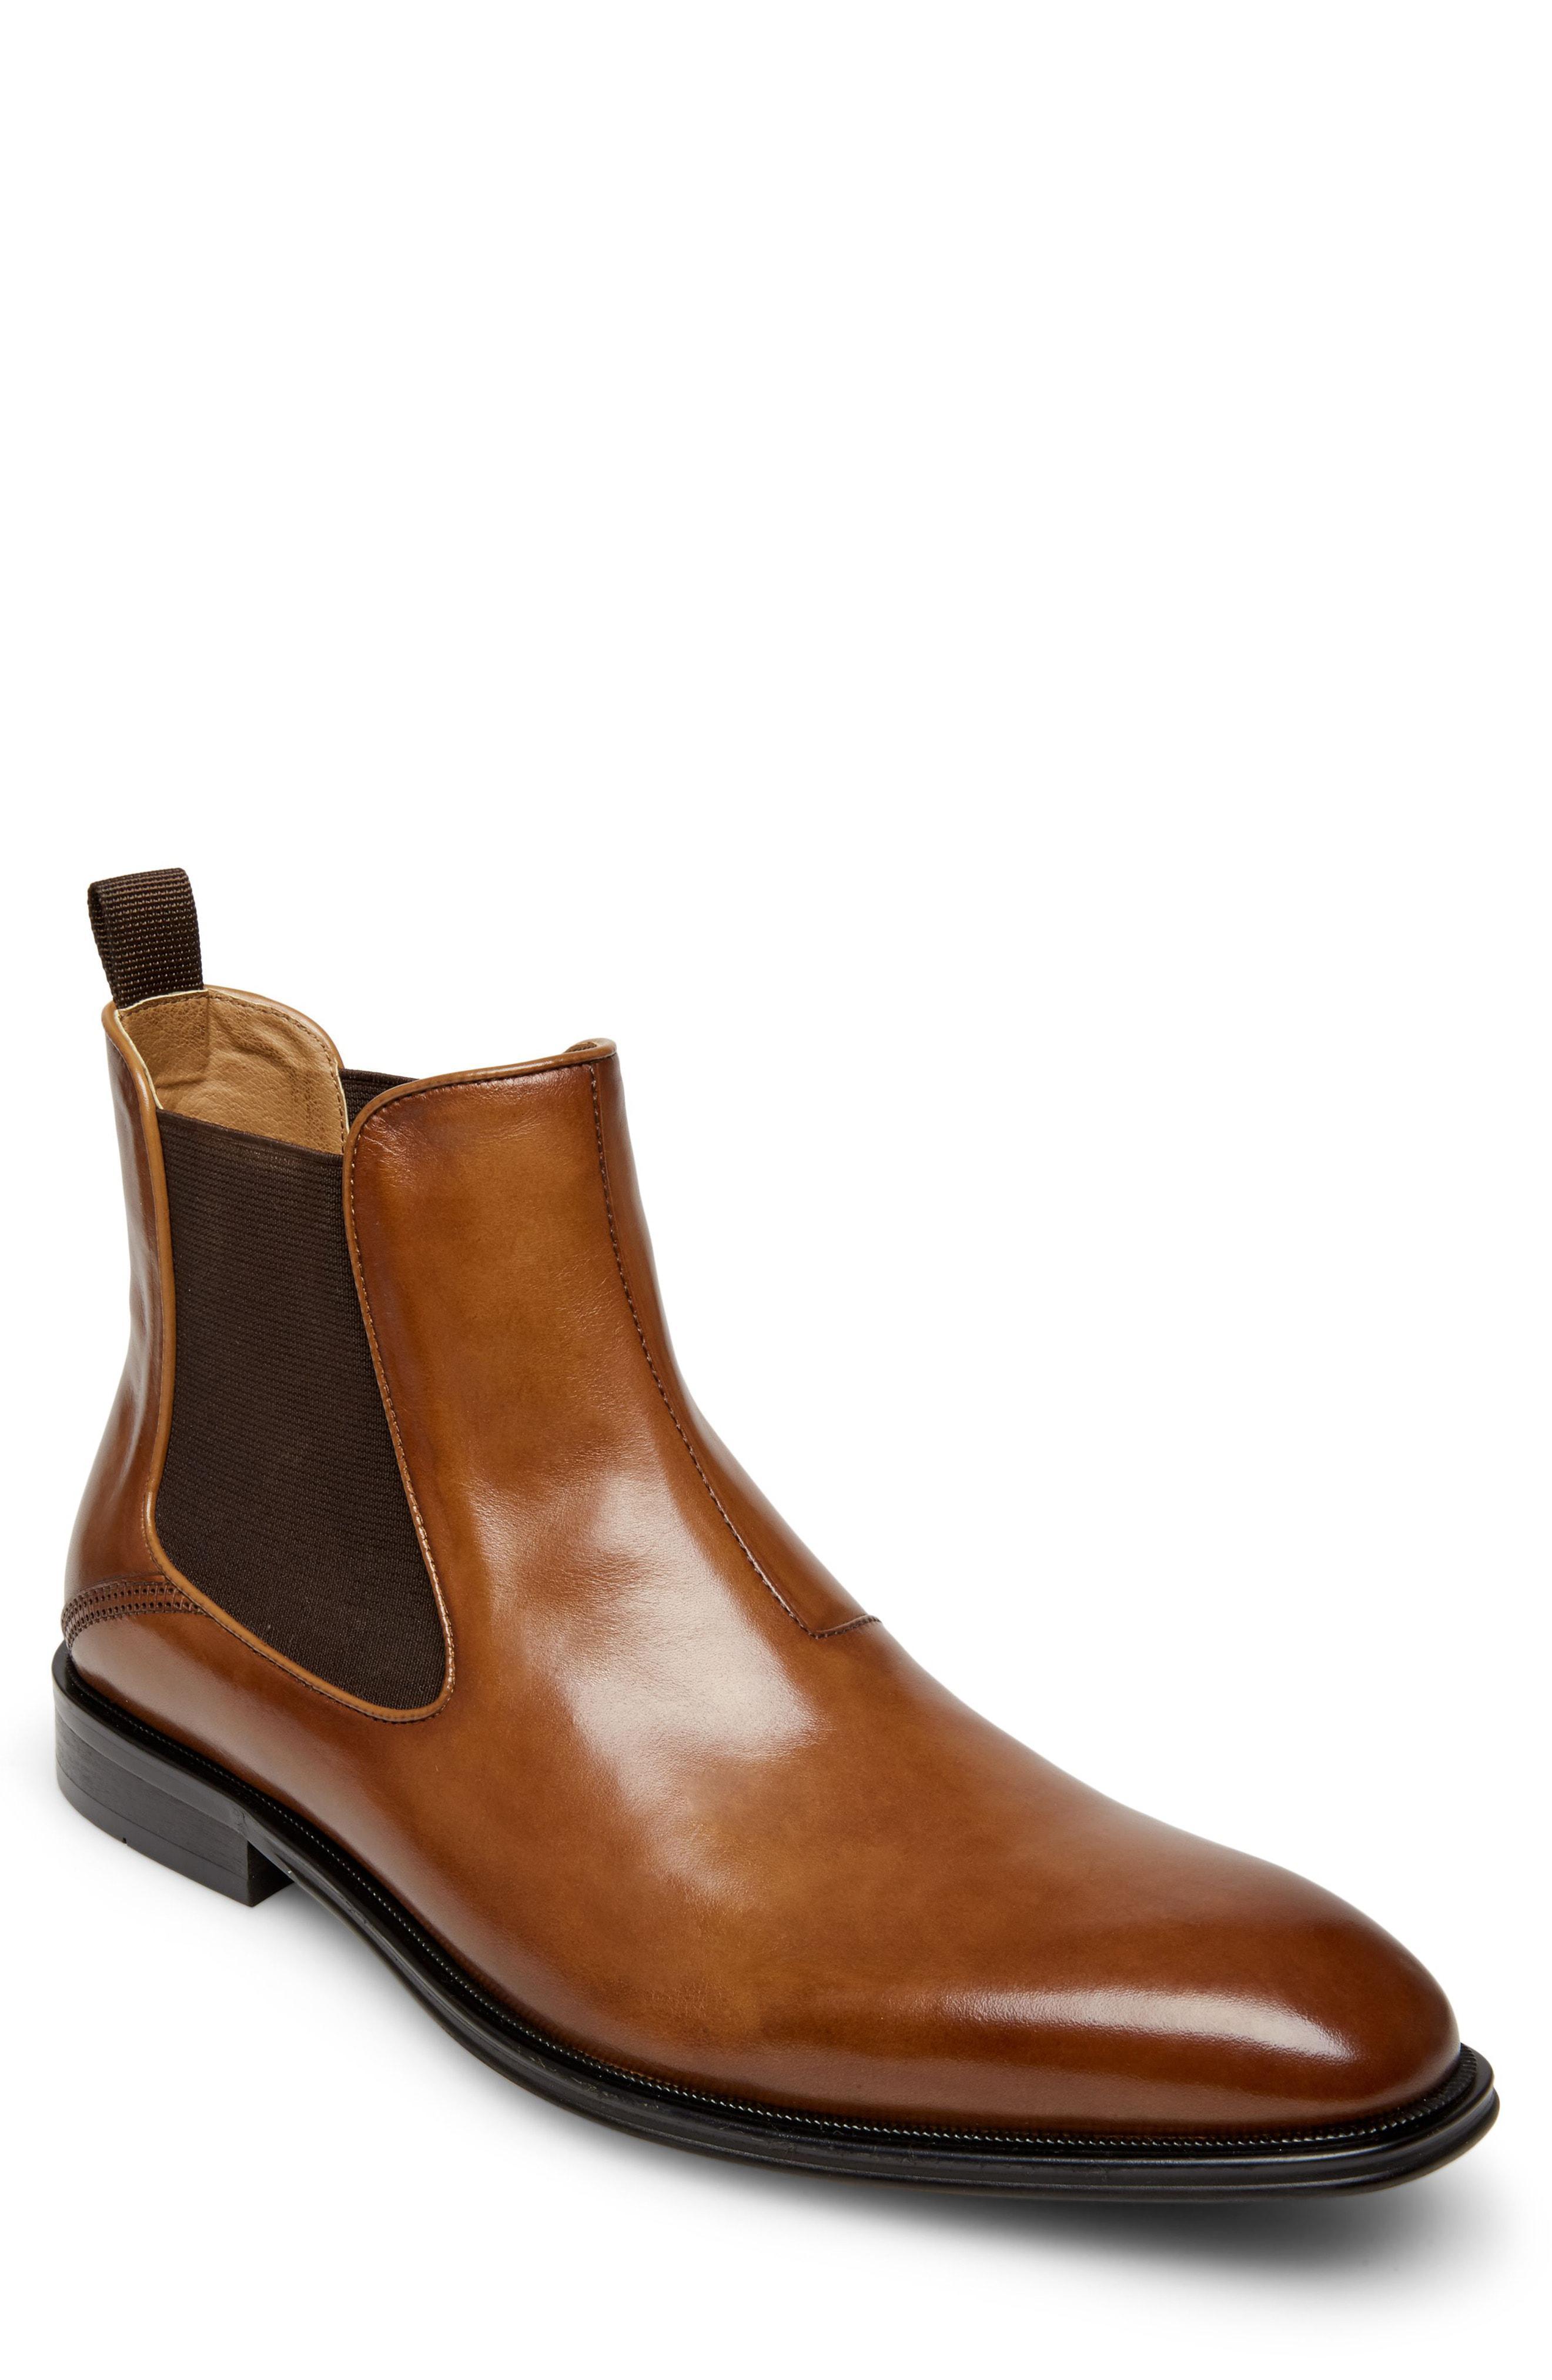 c193c84aa10 Steve Madden Brown Malice Chelsea Boot for men